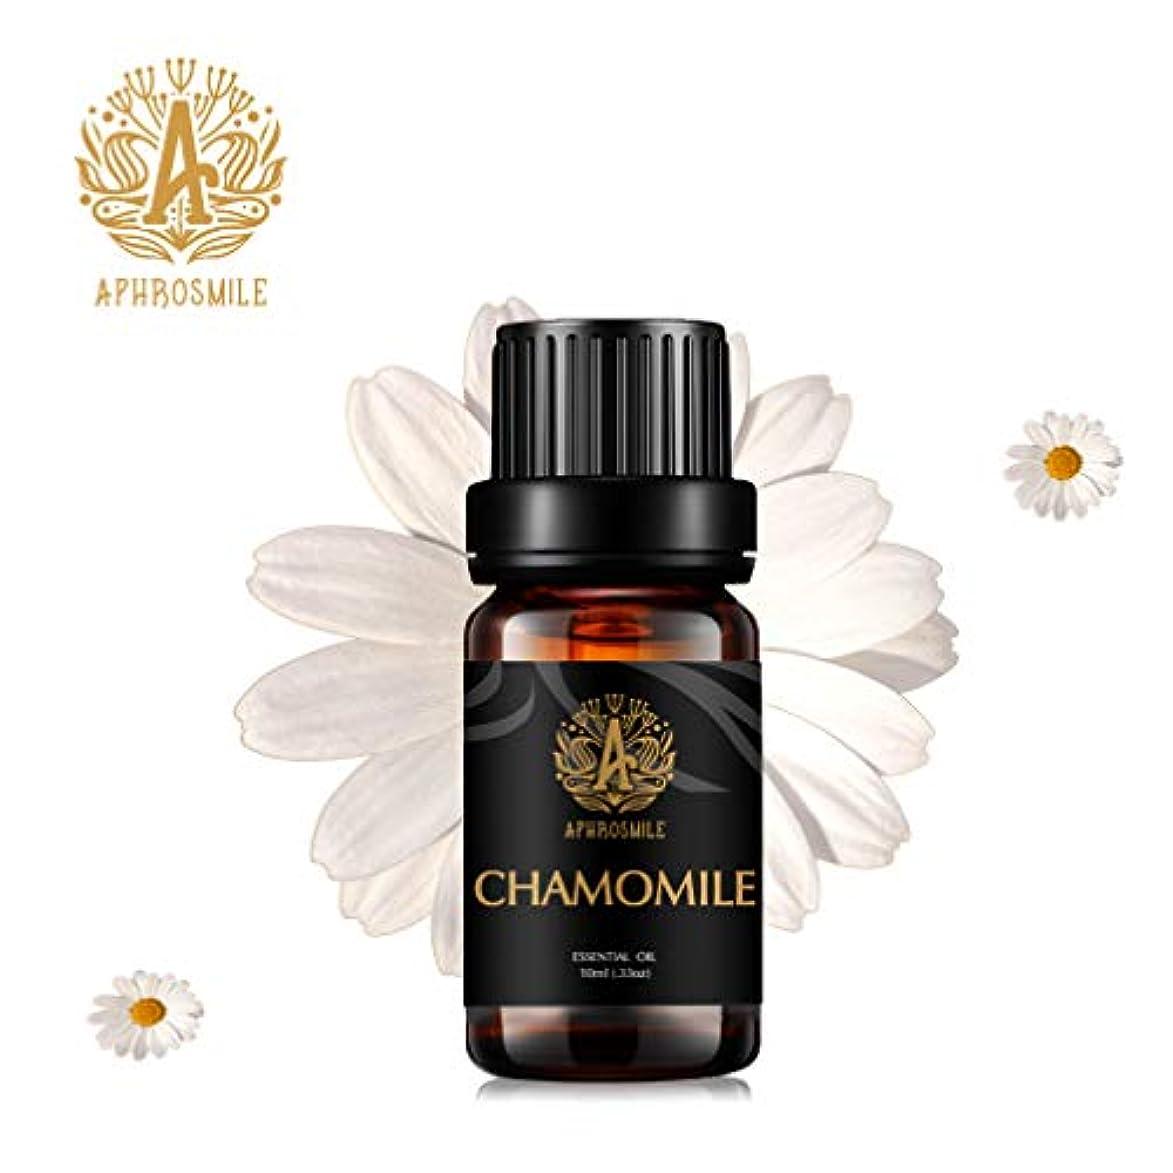 証書チューインガム意気込みカモミールエッセンシャルオイル、100%純粋なアロマセラピーエッセンシャルオイルカモミールの香り、不安を和らげます、治療上の等級の精油のカモミールの芳香のために拡散器、マッサージ、加湿器、毎日の心配、0.33オンス-10ml